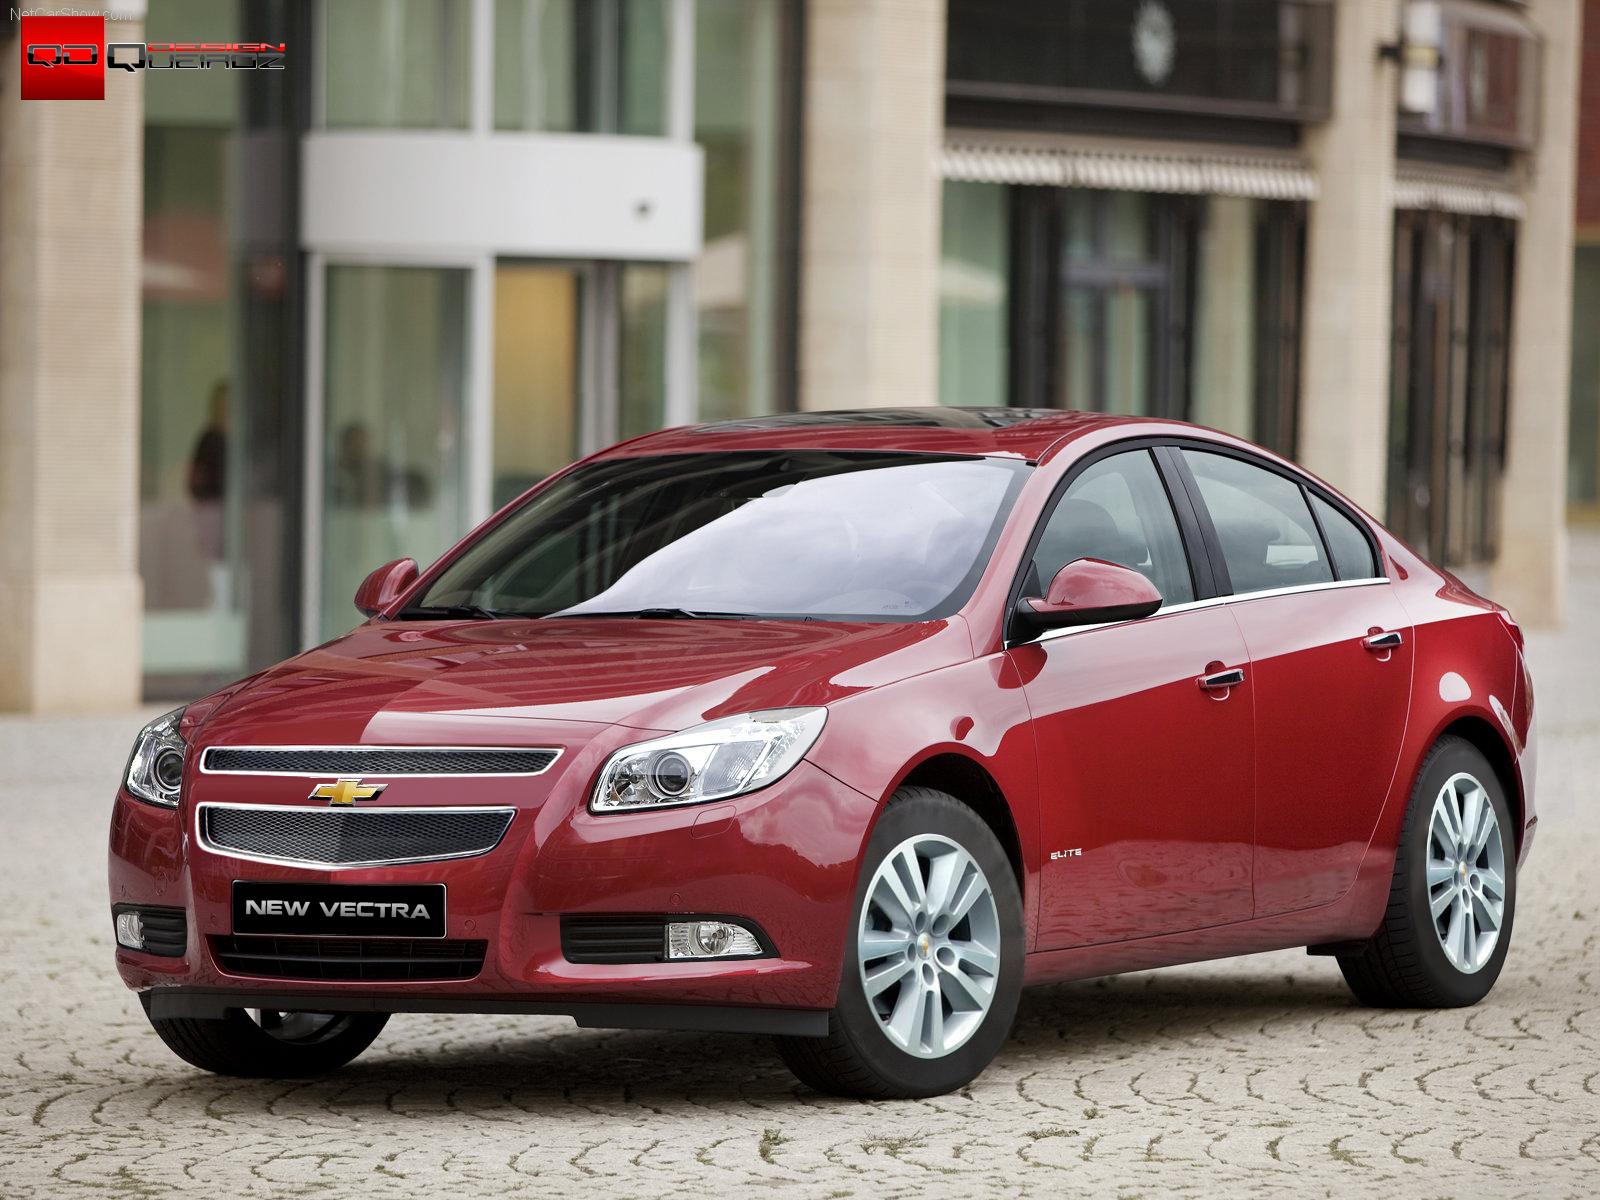 Chevrolet Vectra 2011 - Clique na Imagen para Ampliar